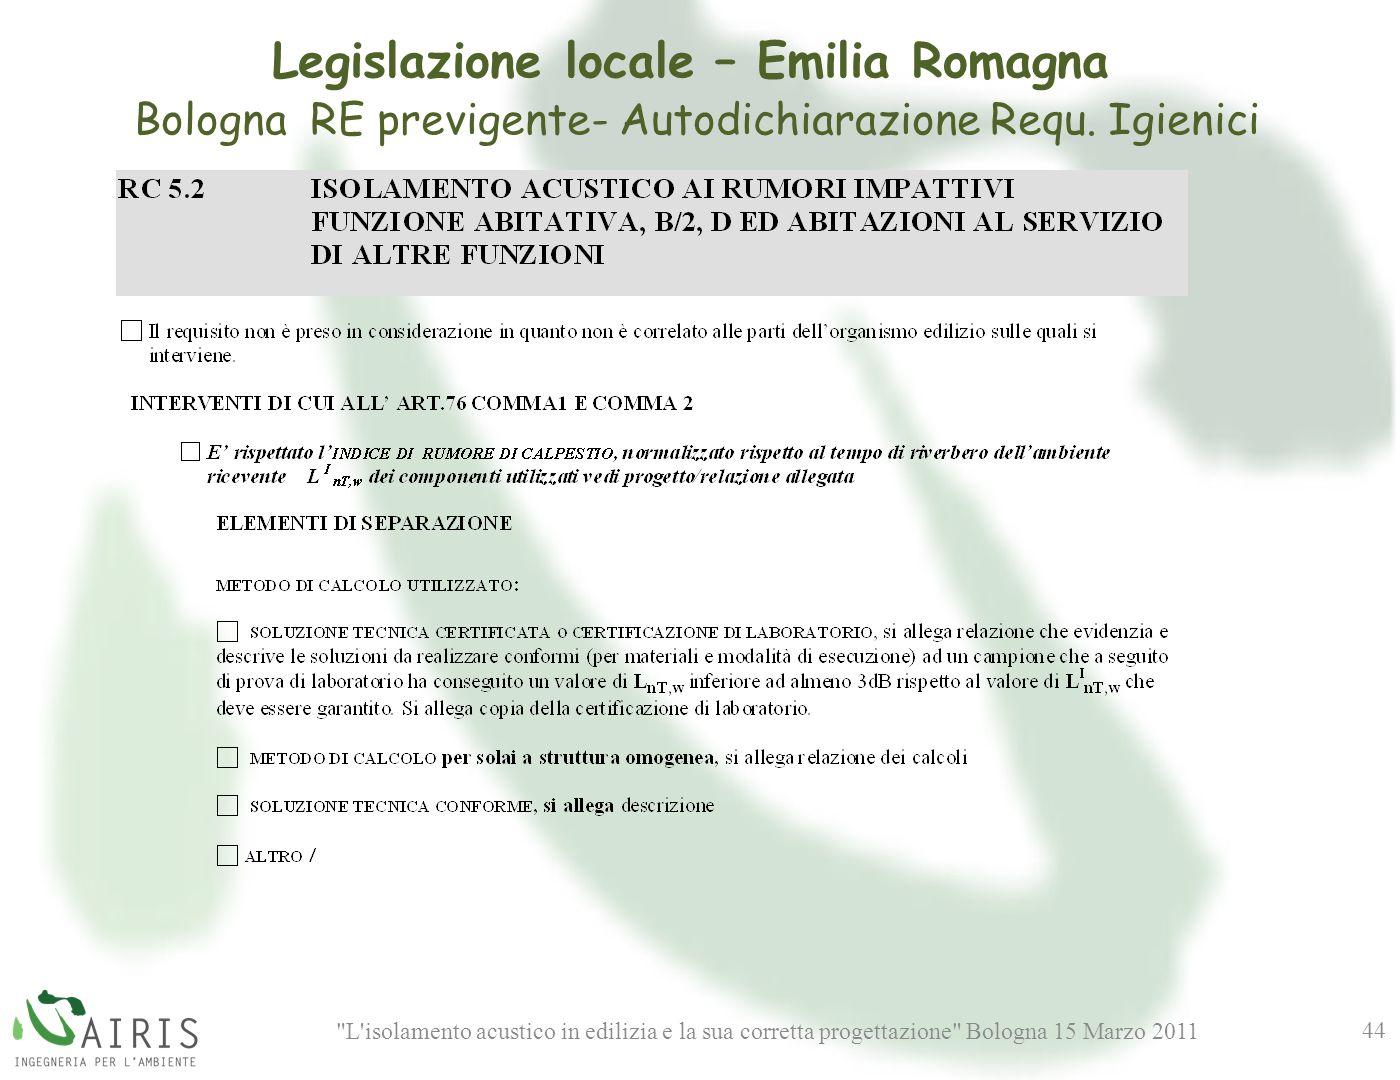 L isolamento acustico in edilizia e la sua corretta progettazione Bologna 15 Marzo 2011 44 Legislazione locale – Emilia Romagna Bologna RE previgente- Autodichiarazione Requ.